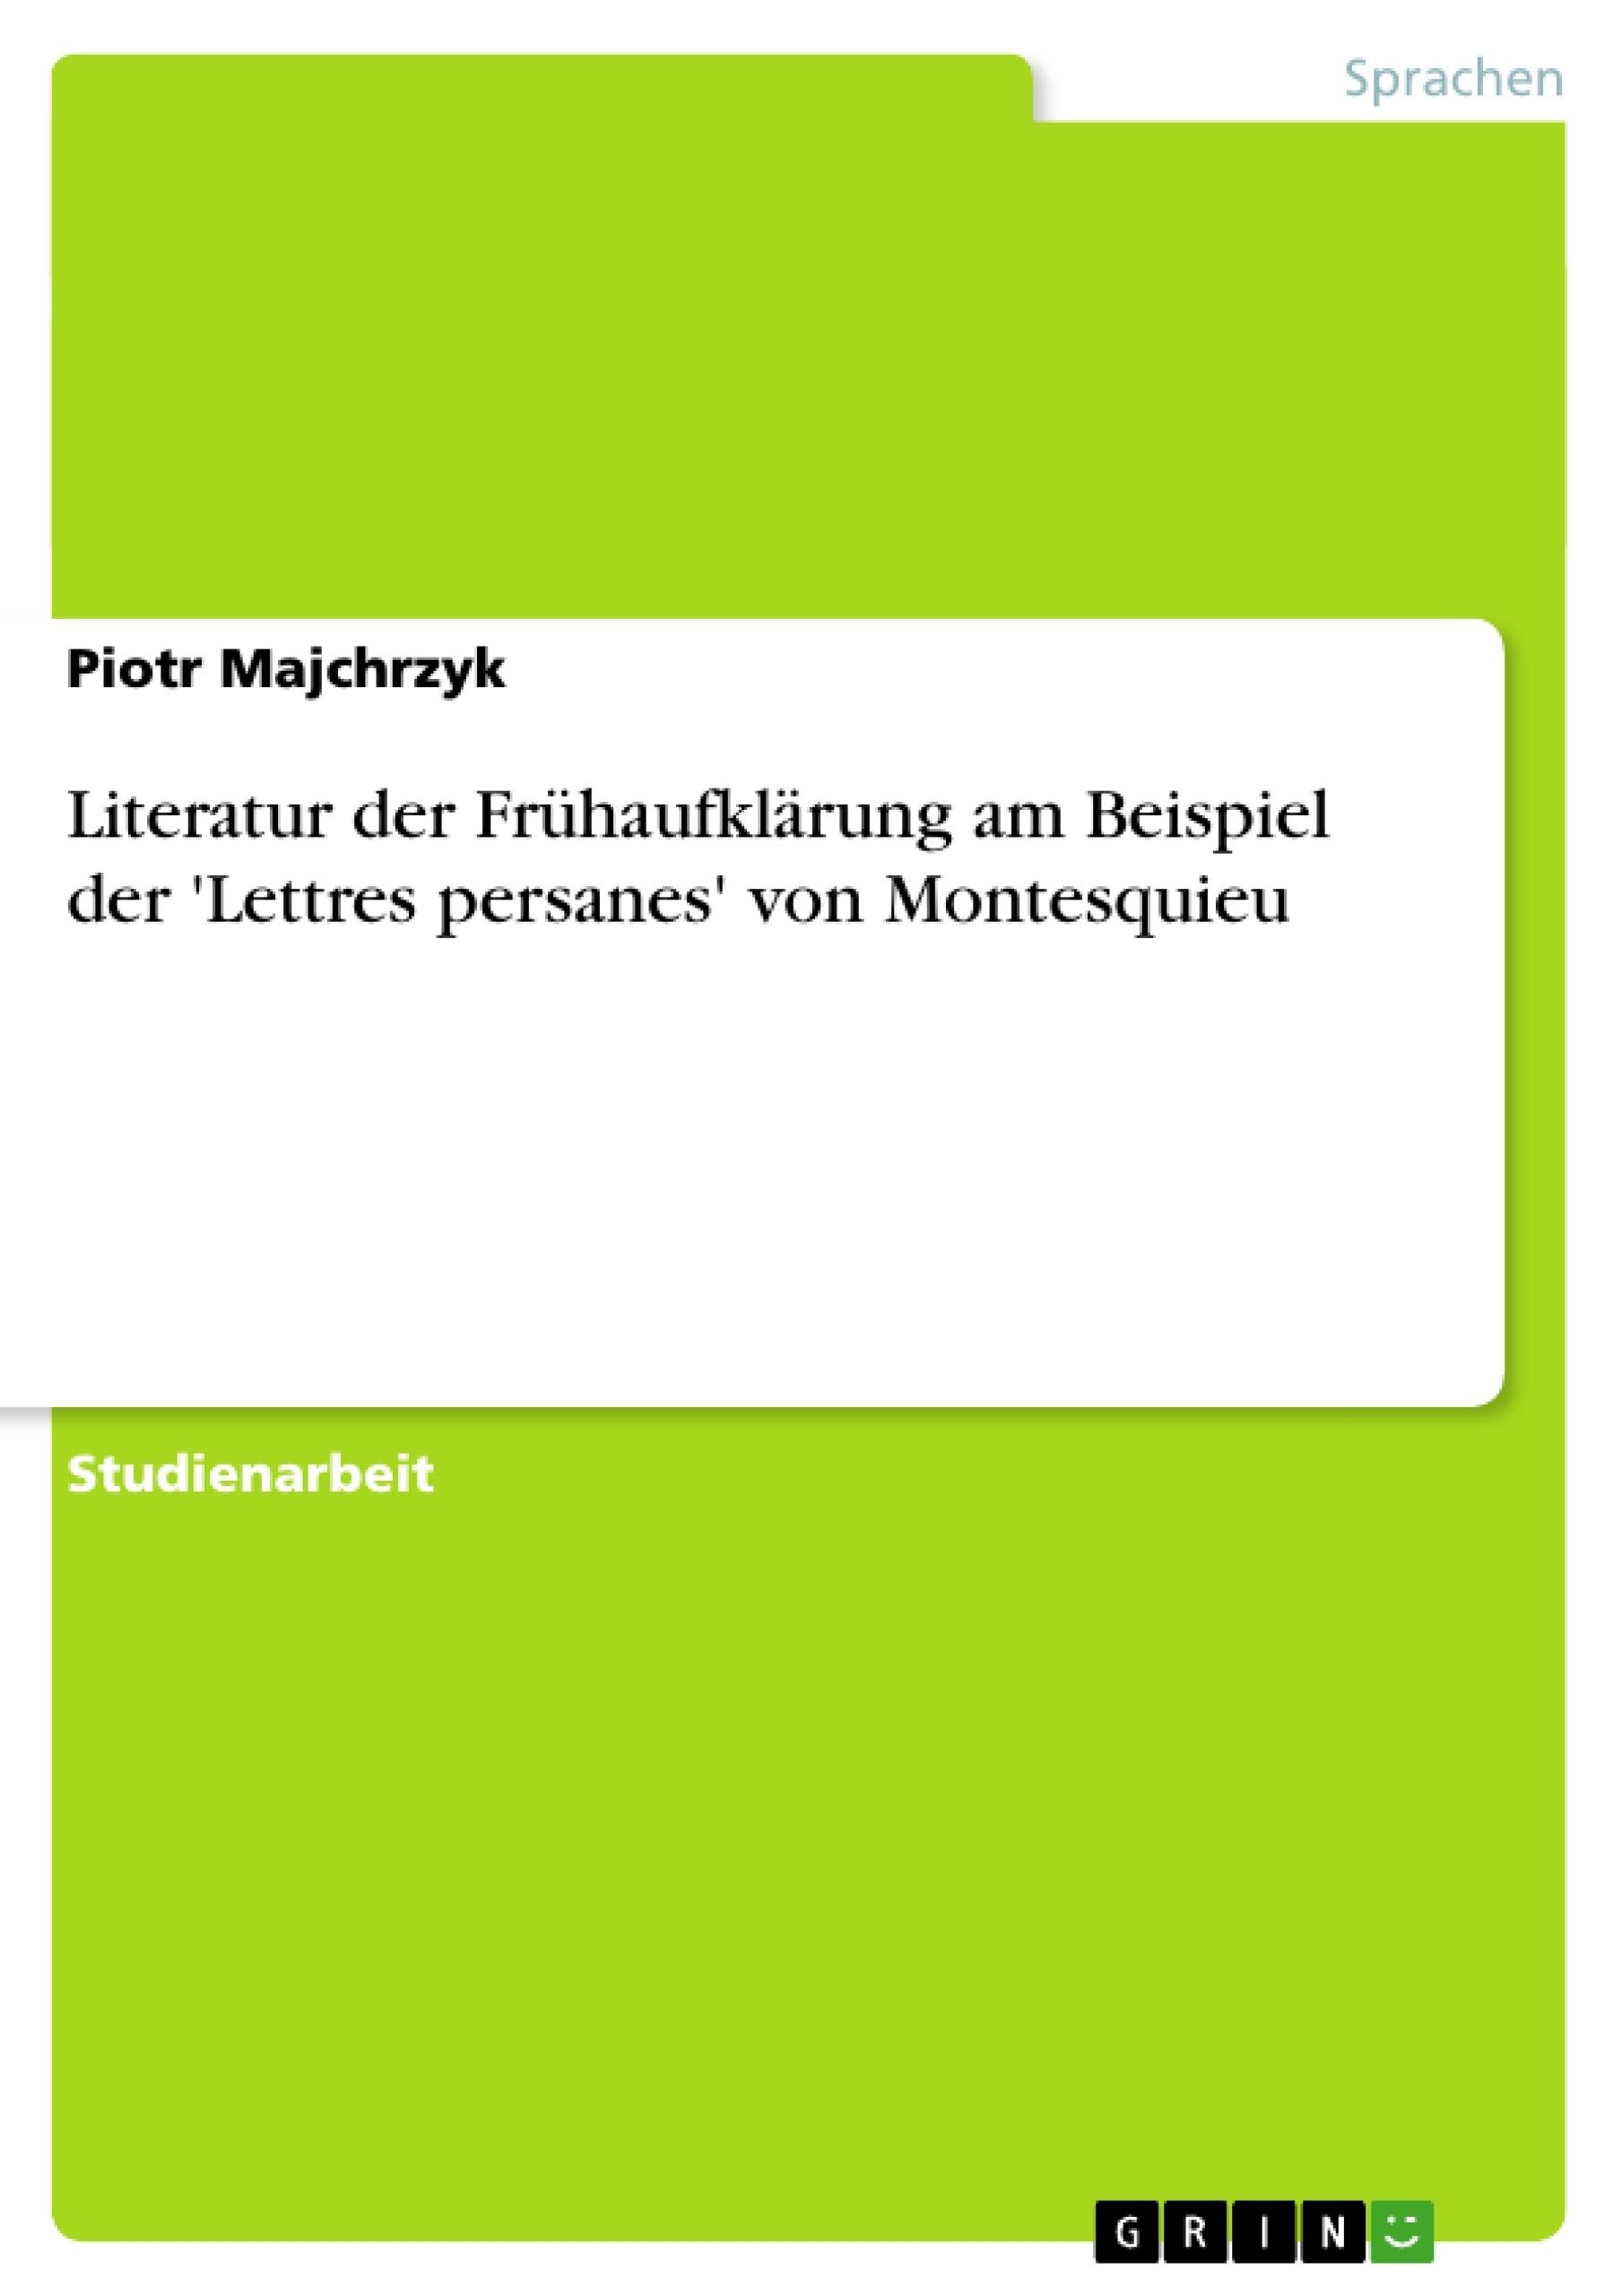 Titel: Literatur der Frühaufklärung am Beispiel der 'Lettres persanes' von Montesquieu